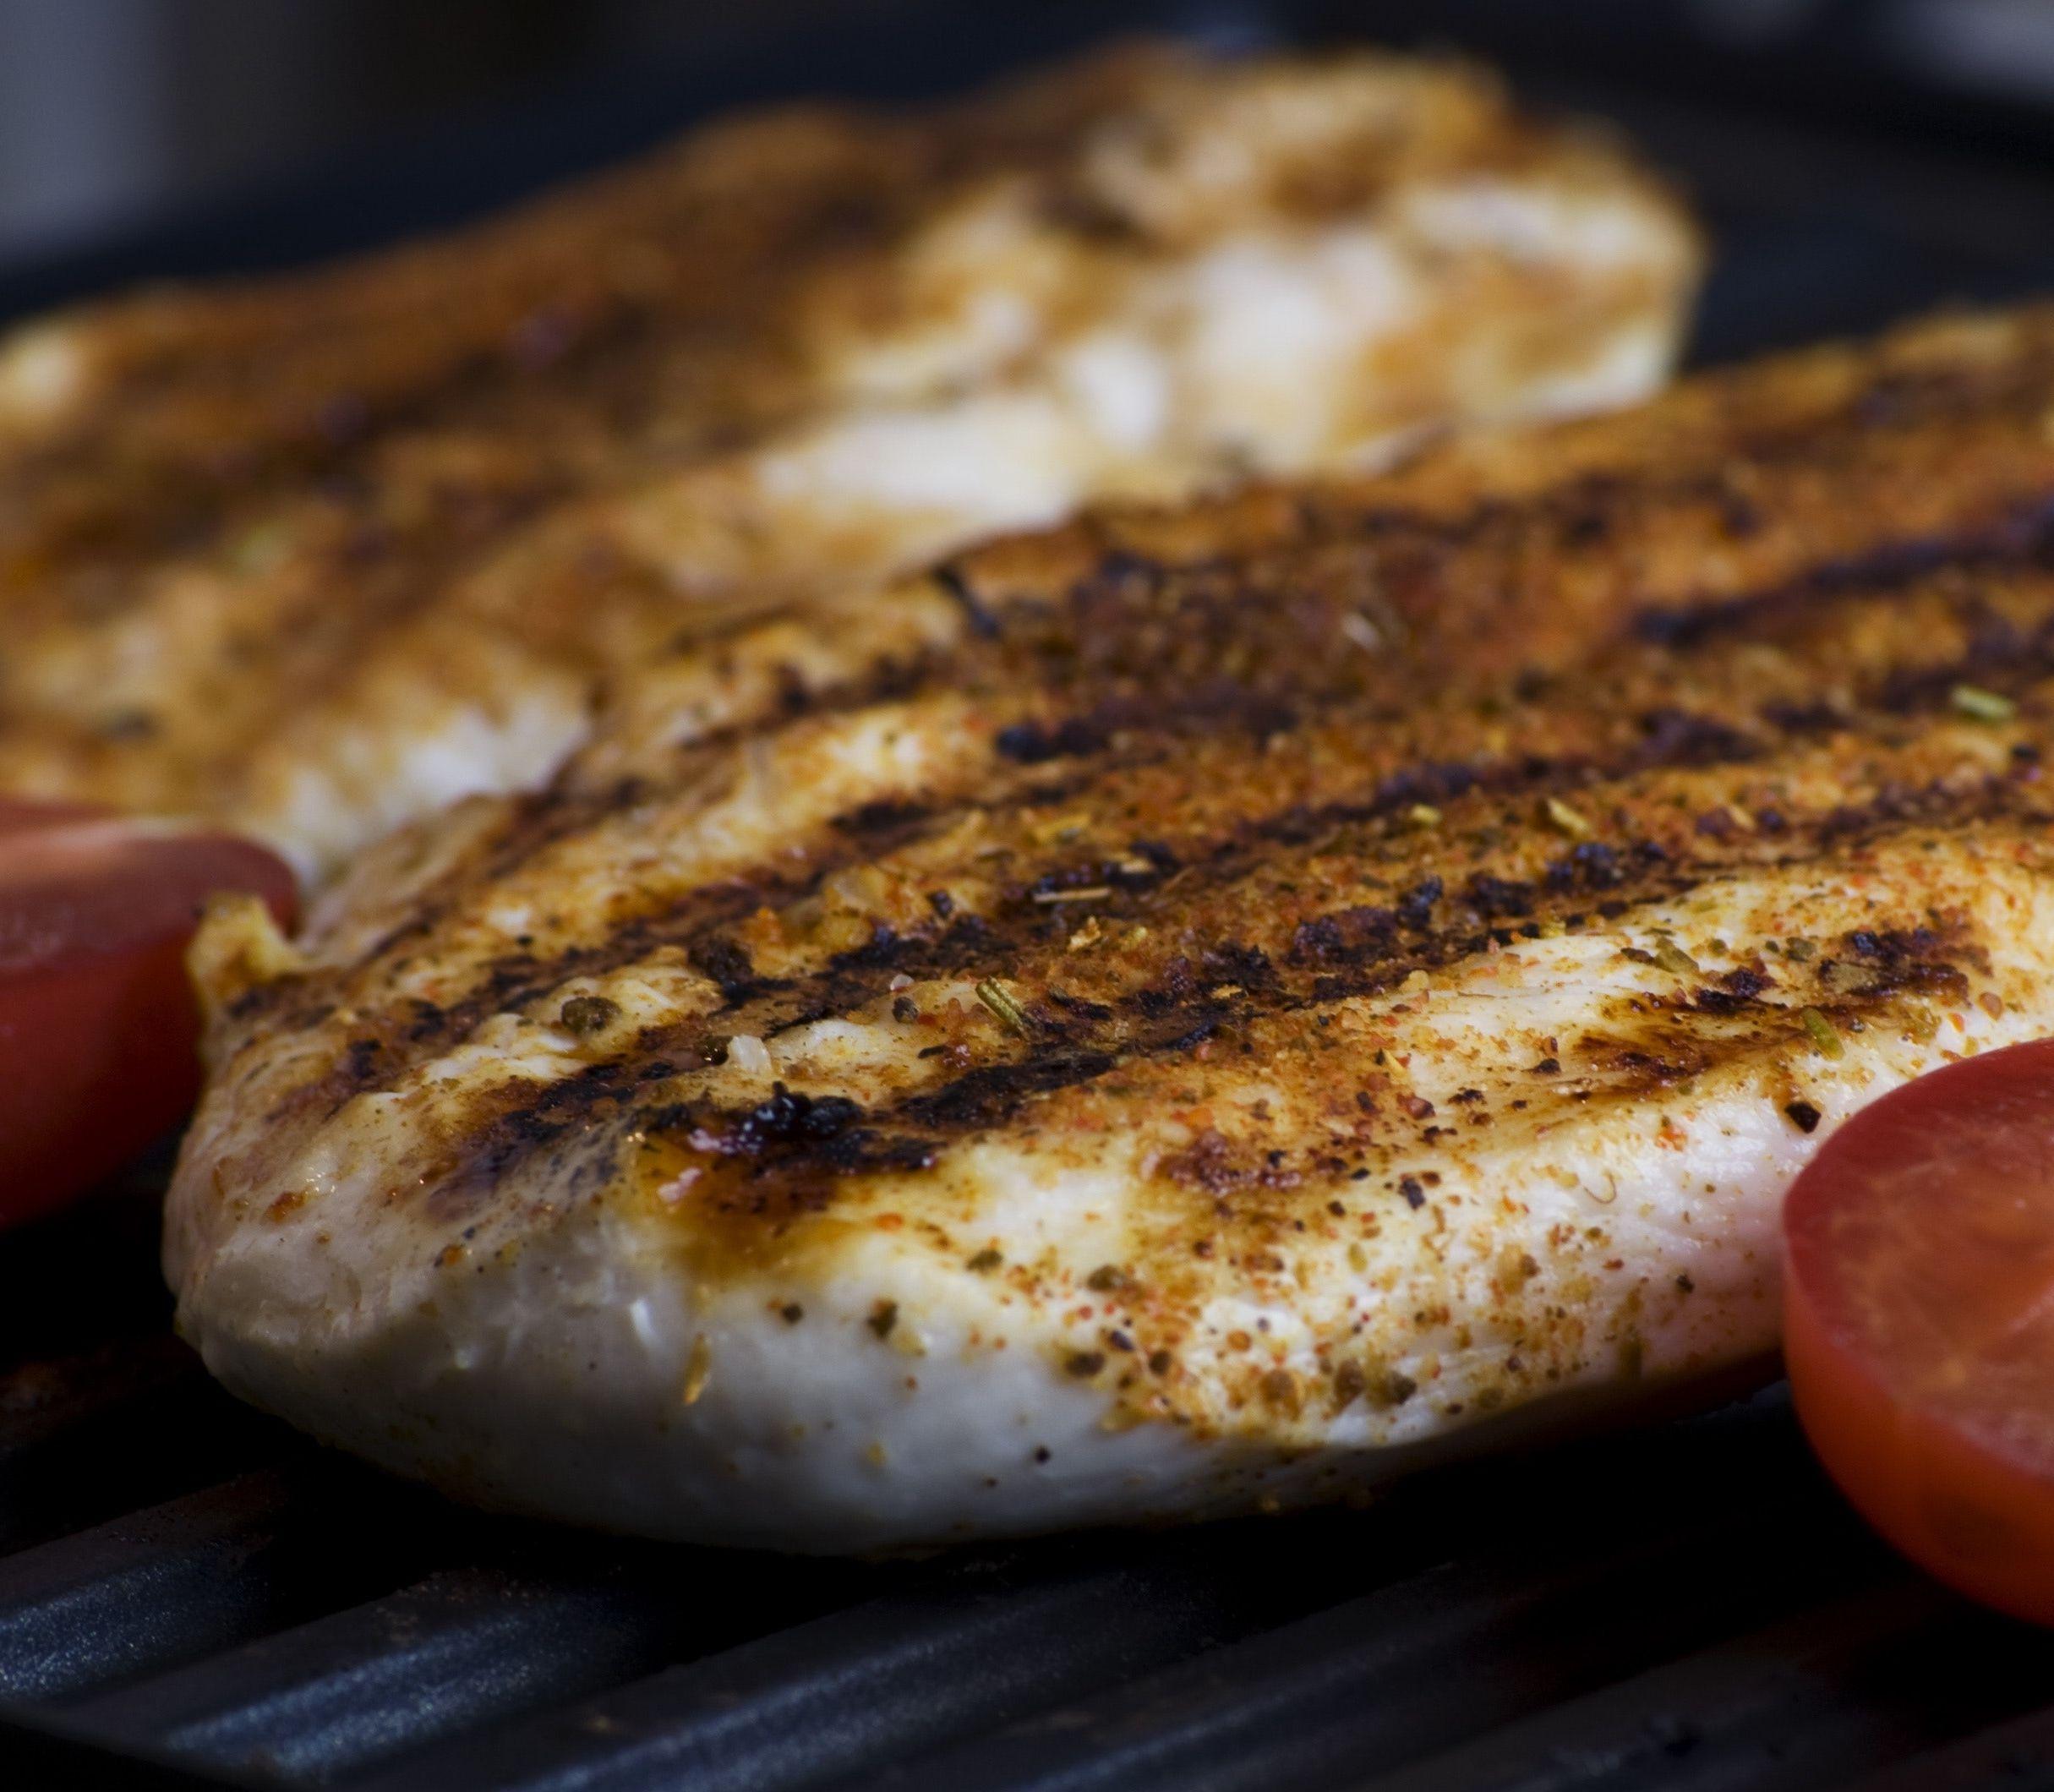 Rýchly tip na obed či večeru? Tieto minútky vám ušetria čas a chutia skvele!